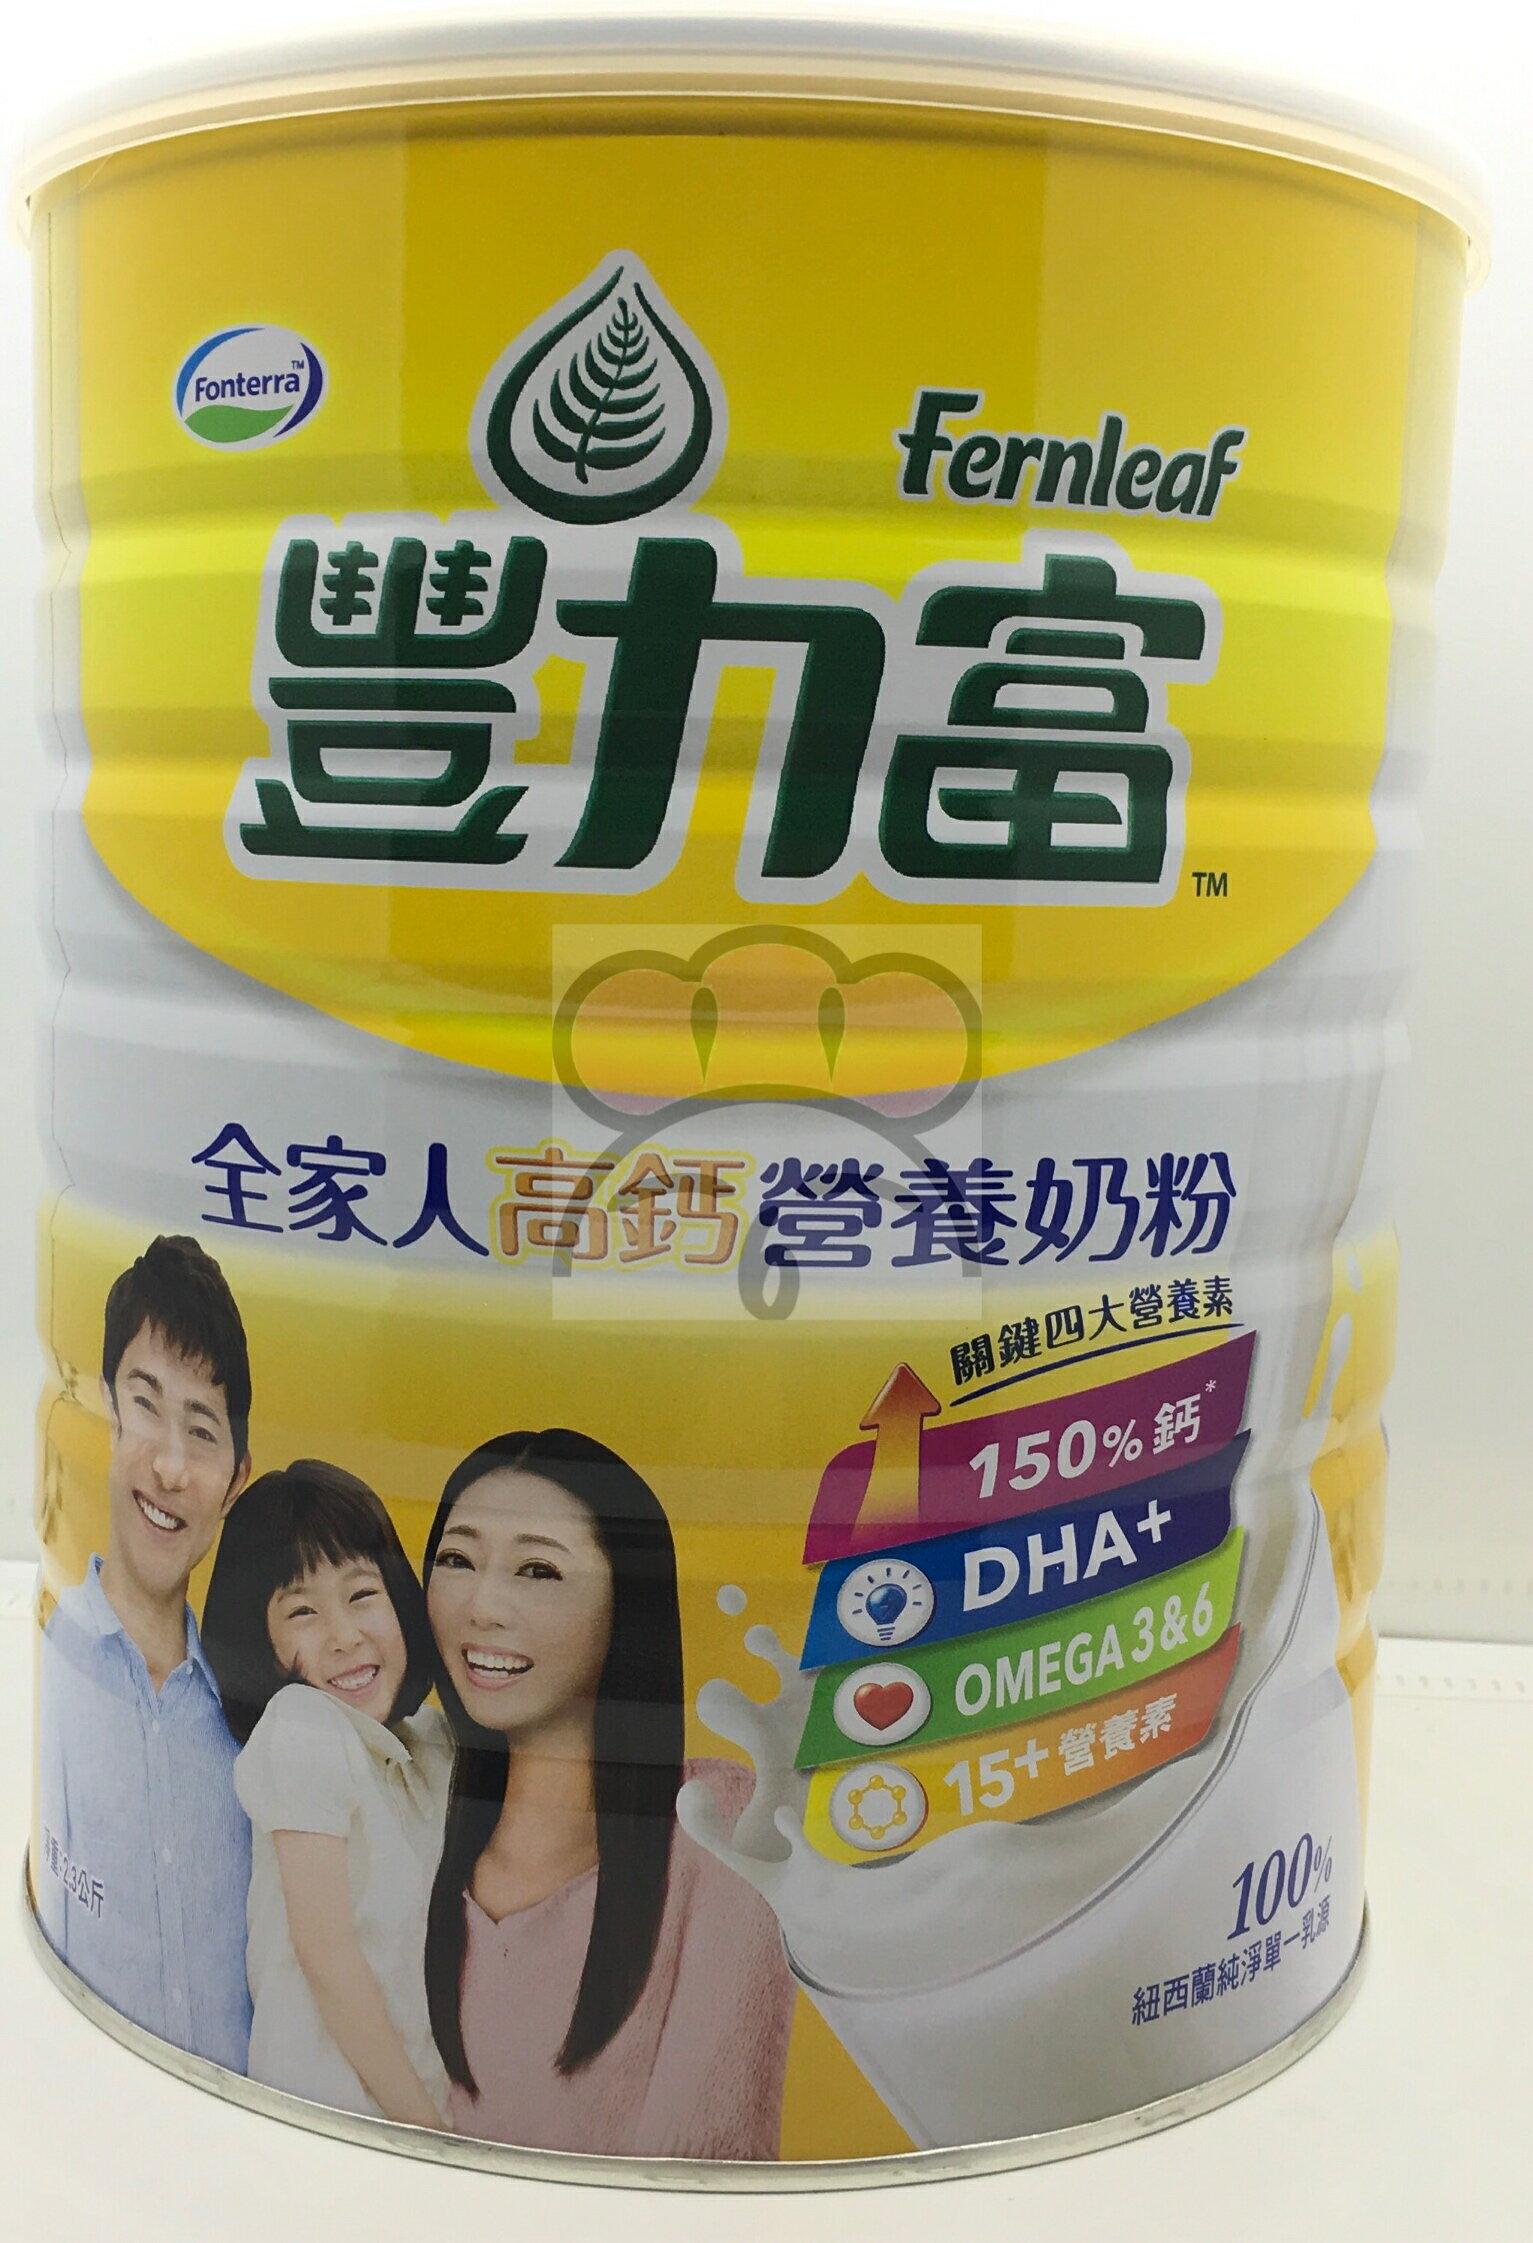 新開幕 衝評價 大....特惠 豐力富 全家人高鈣營養奶粉 2.3 g